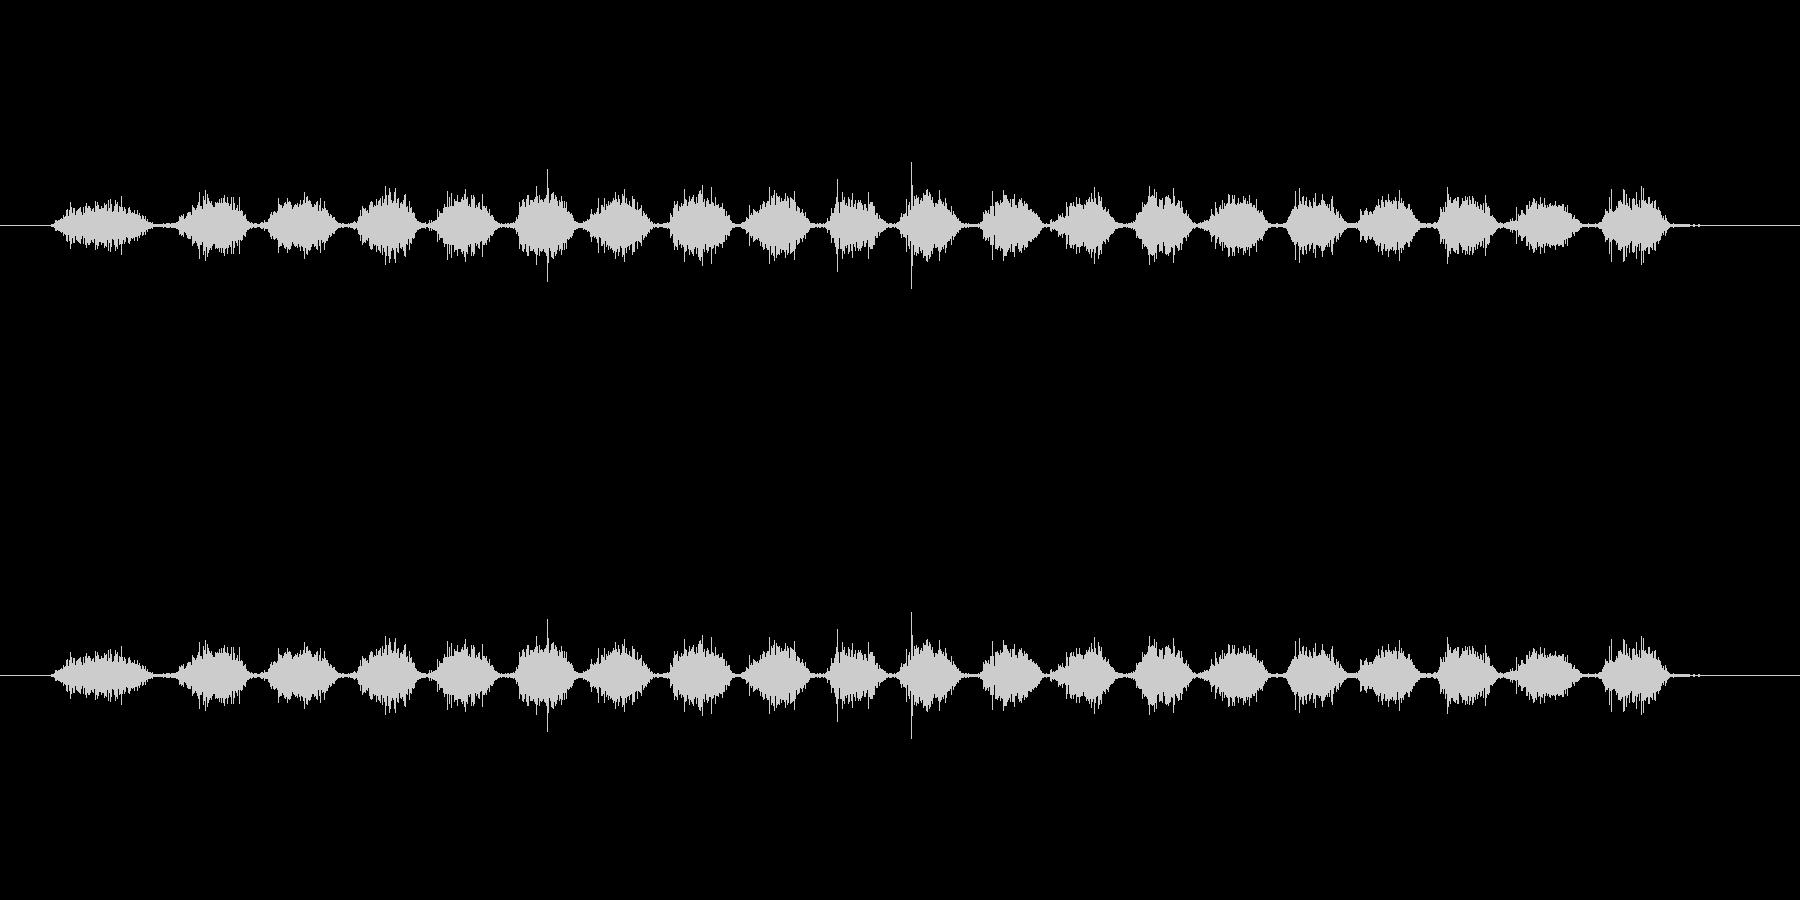 【消しゴム01-3(こする)】の未再生の波形